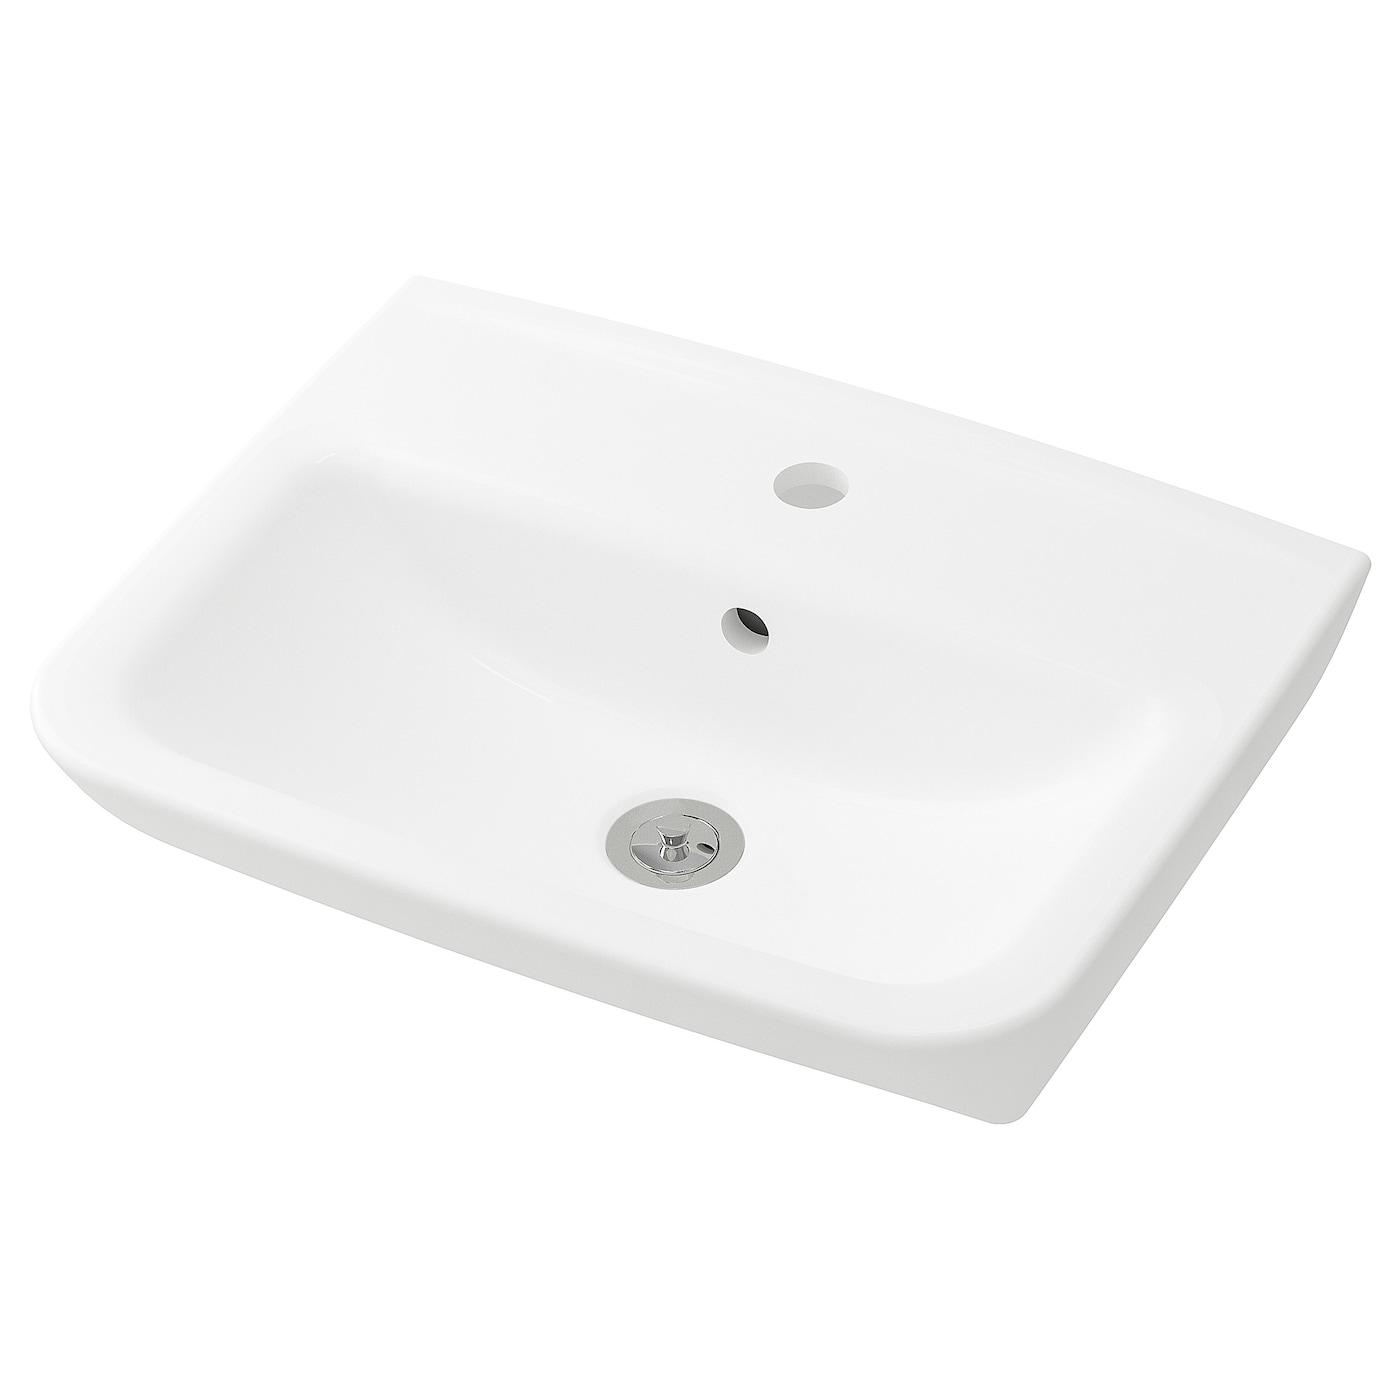 Tyngen Sink White 20 1 8 Ikea